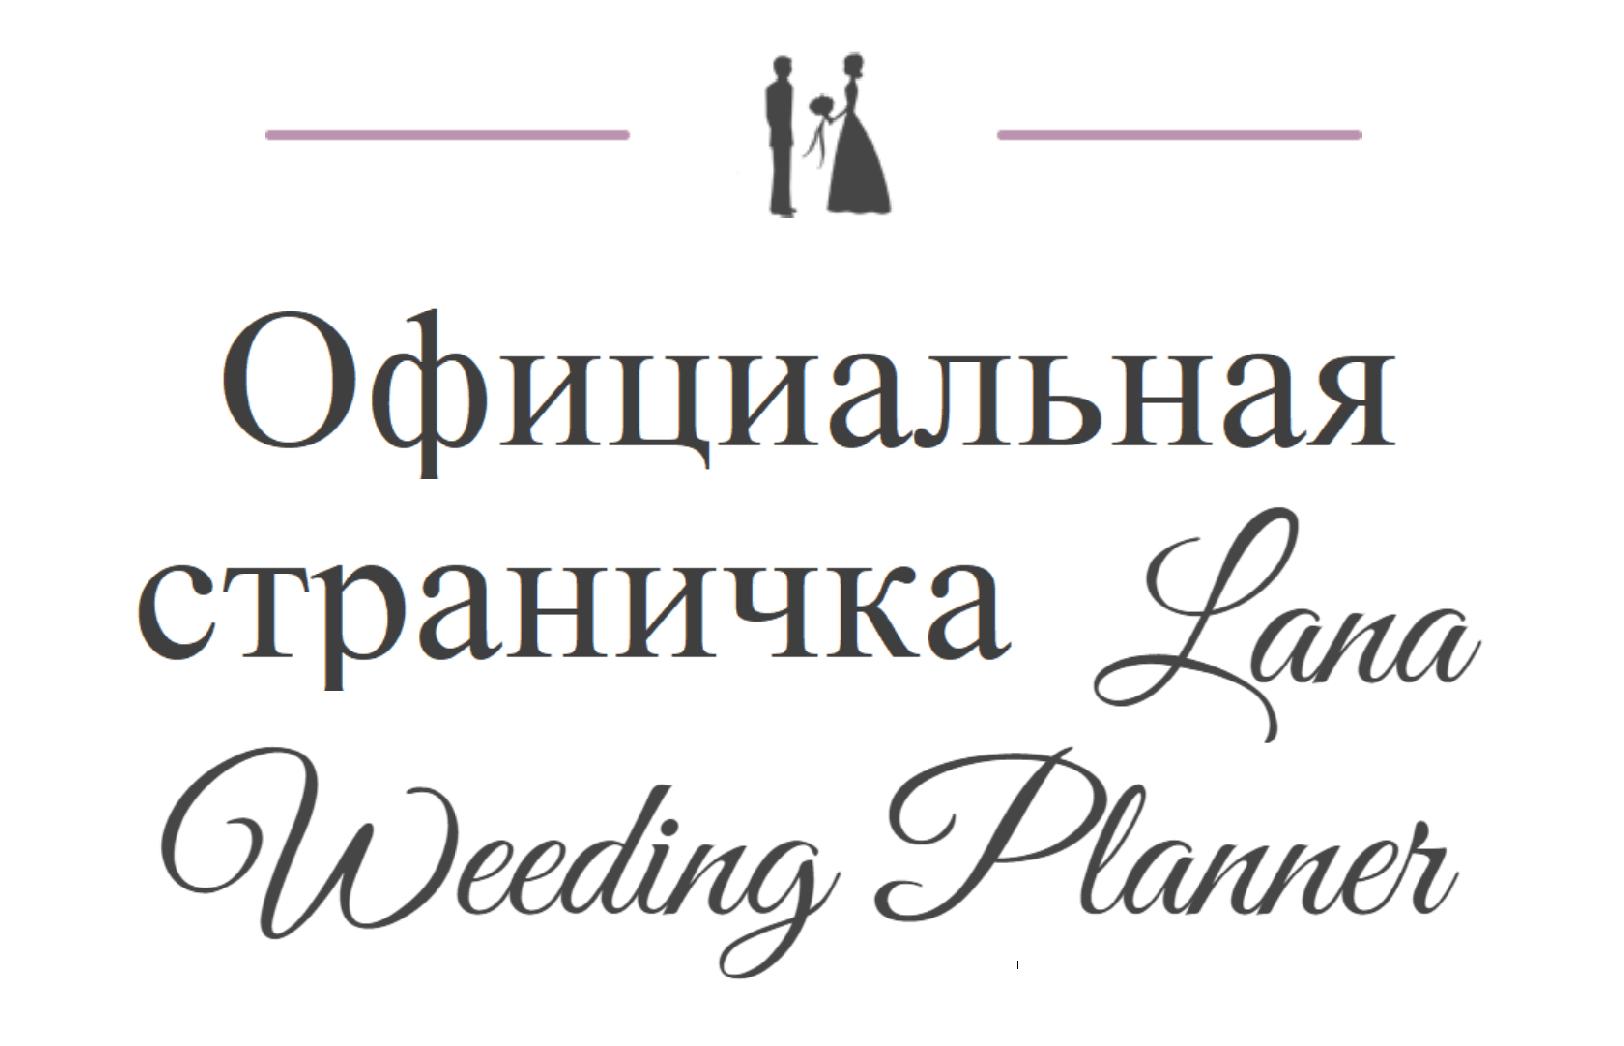 Элитный свадебный планировщик